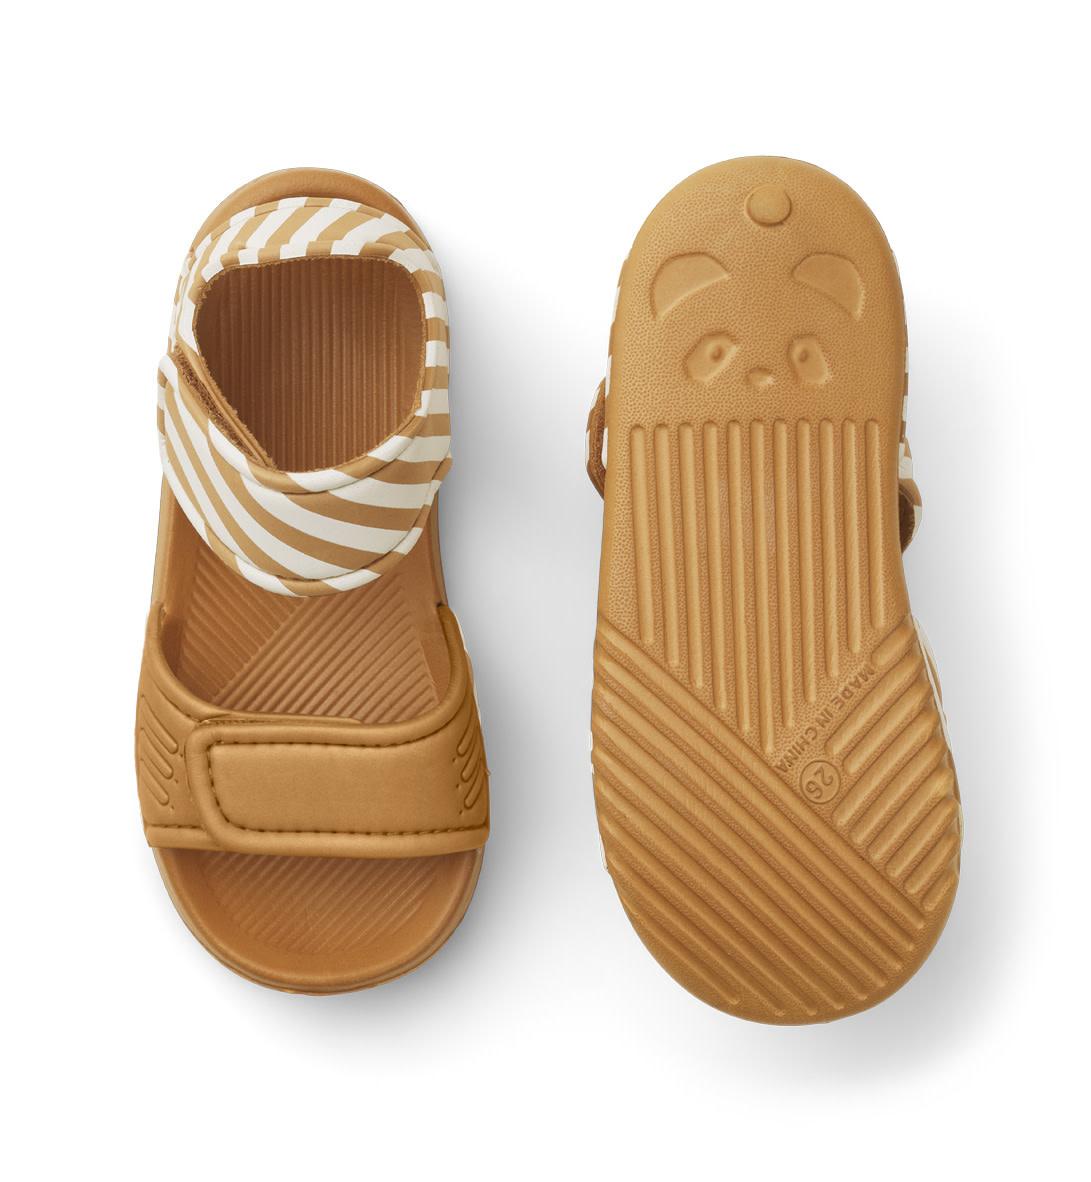 Blumer sandals mustard/sandy stripe-2